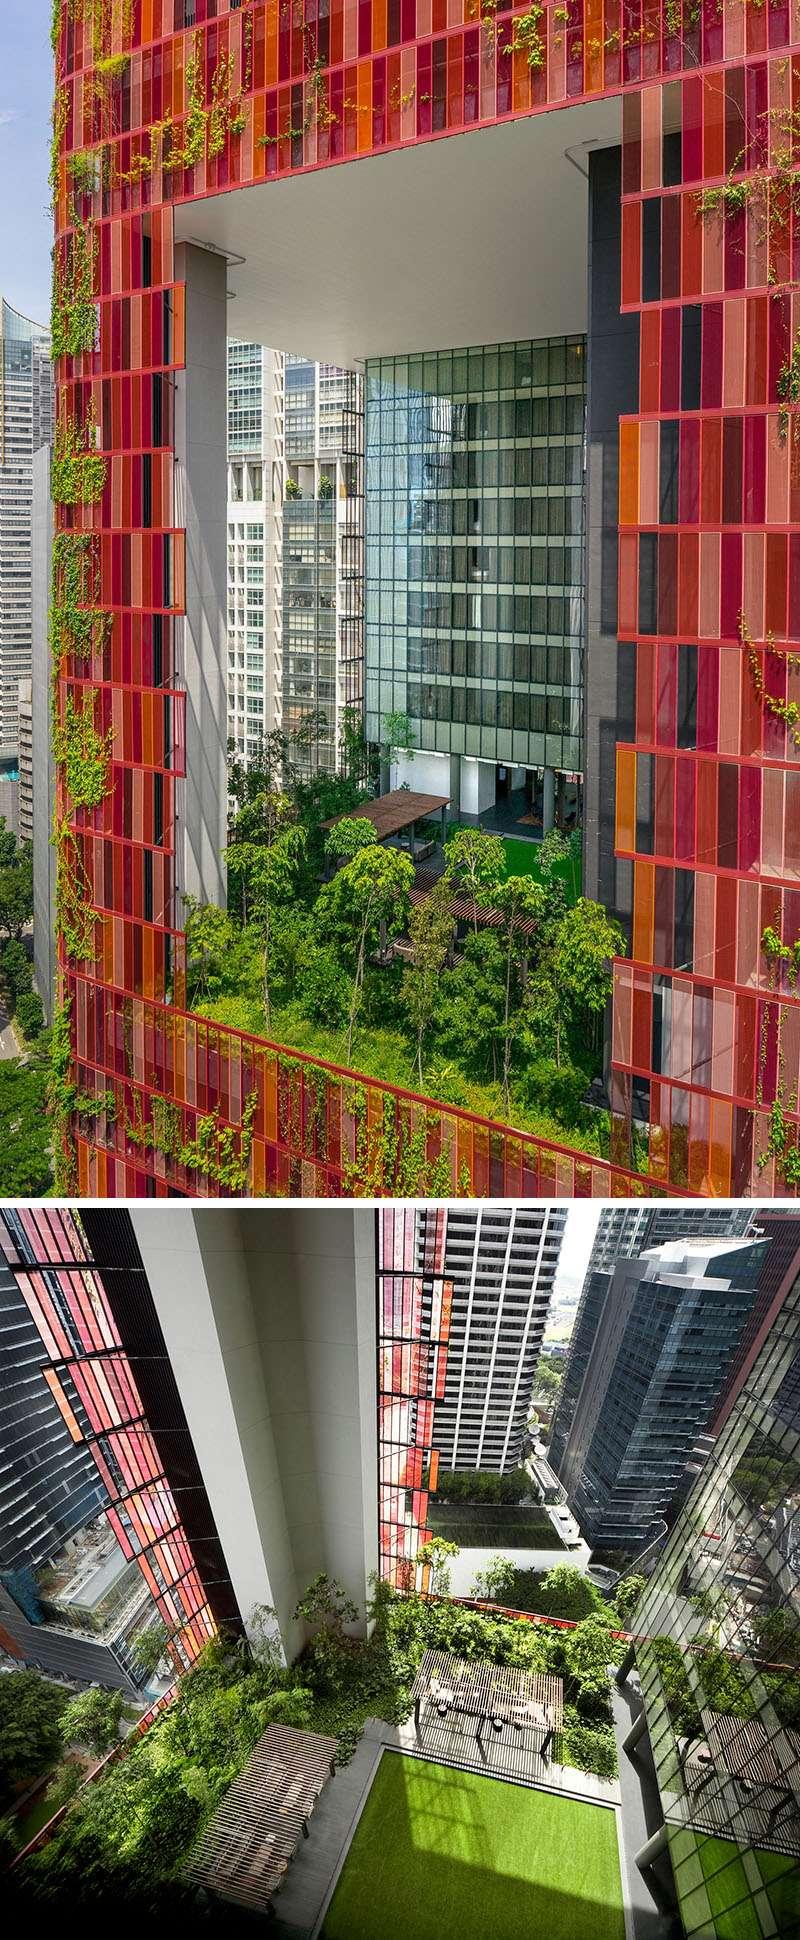 Conheça o primeiro arranha céu com o maior jardim vertical do mundo stylo urbano-2